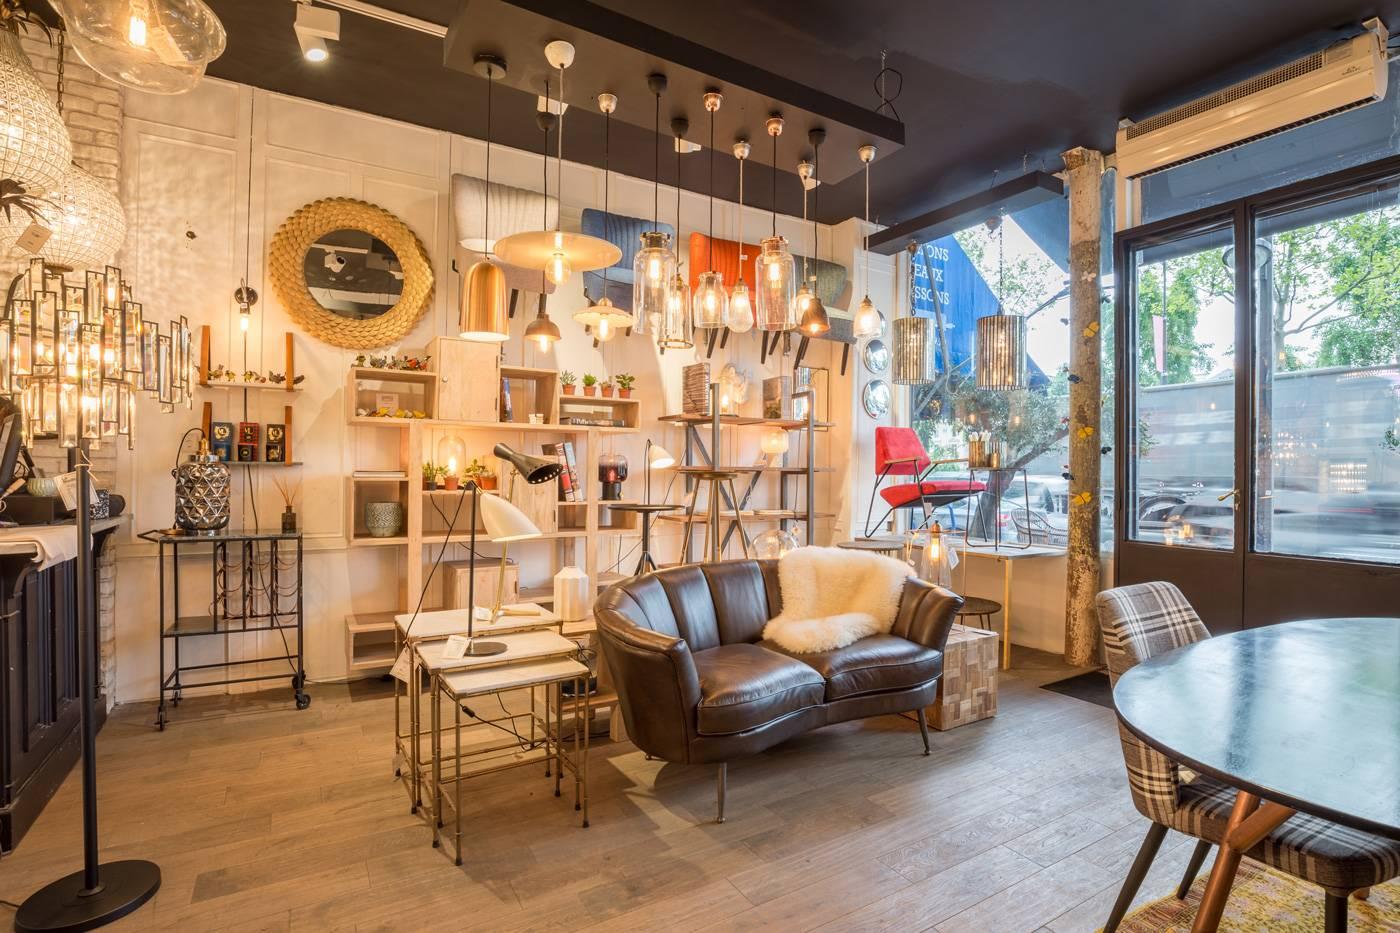 d co design gastronomie id es d co meubles et int rieurs design residences decoration. Black Bedroom Furniture Sets. Home Design Ideas